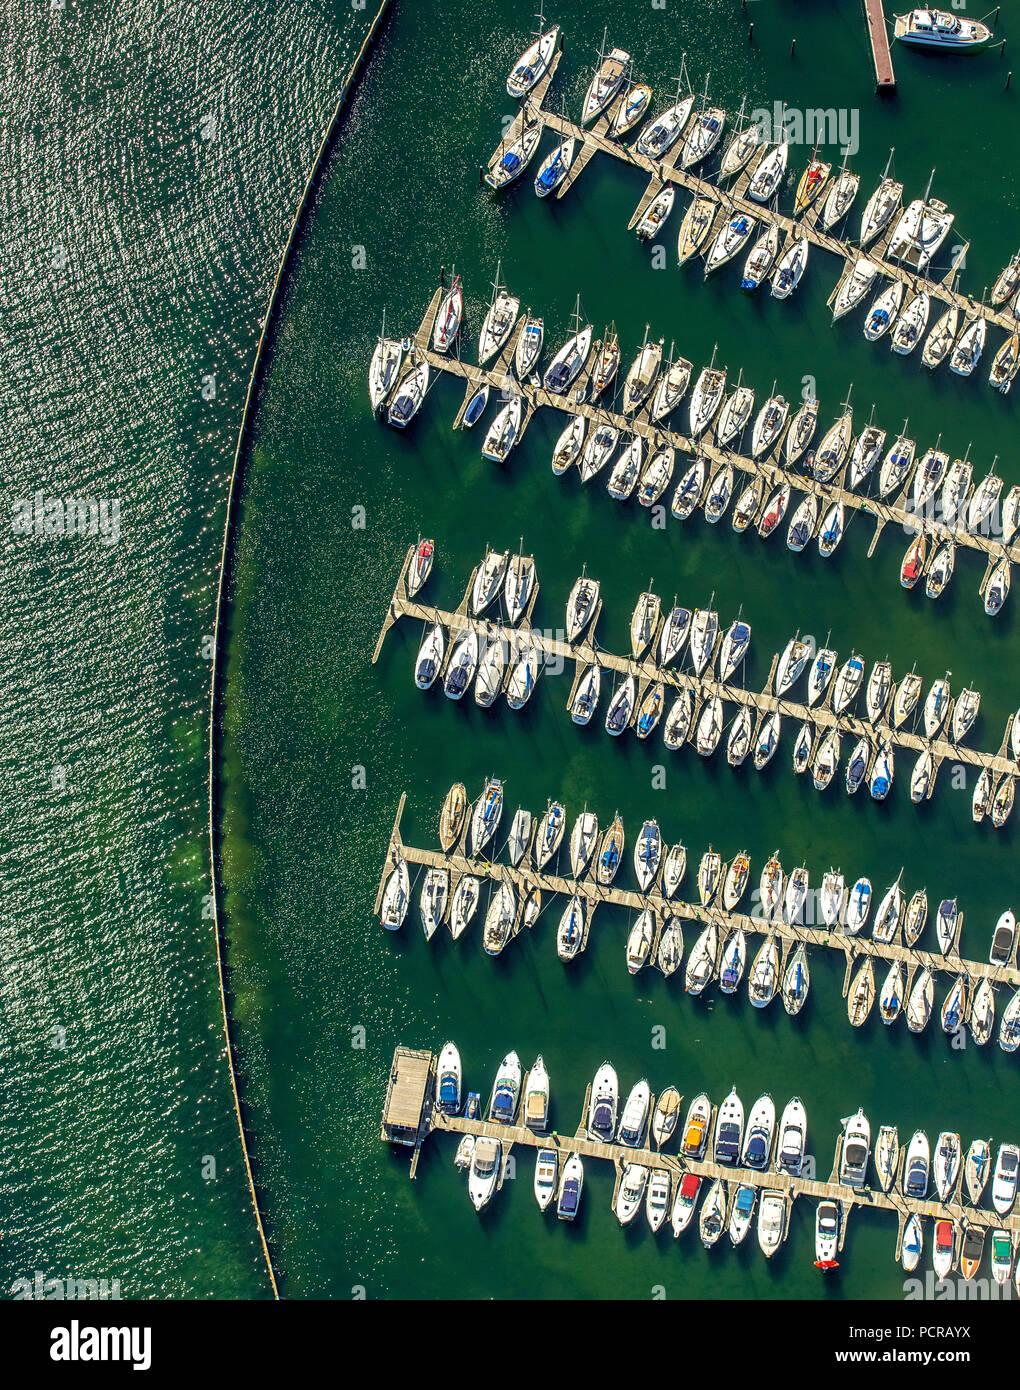 Marina Neustadt Holstein, Sailboats, Marina An der Wiek, Neustadt in Holstein, Bay of Lübeck, Hanseatic City, Schleswig-Holstein, Germany - Stock Image